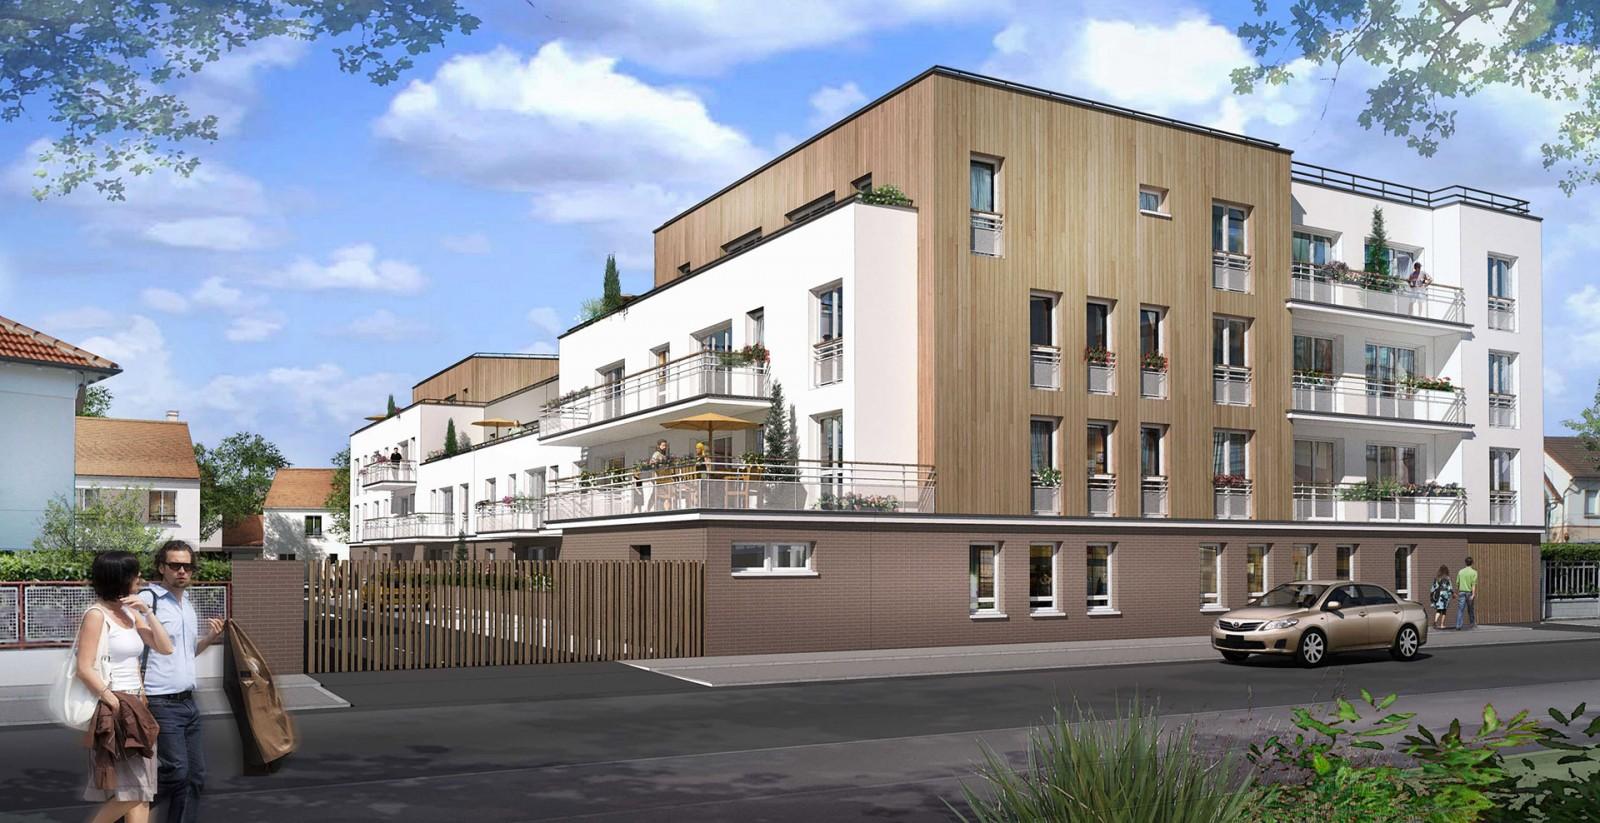 65 Logements Archicréa NLG en maisons individuelles et logements collectifs Brou sur Marne